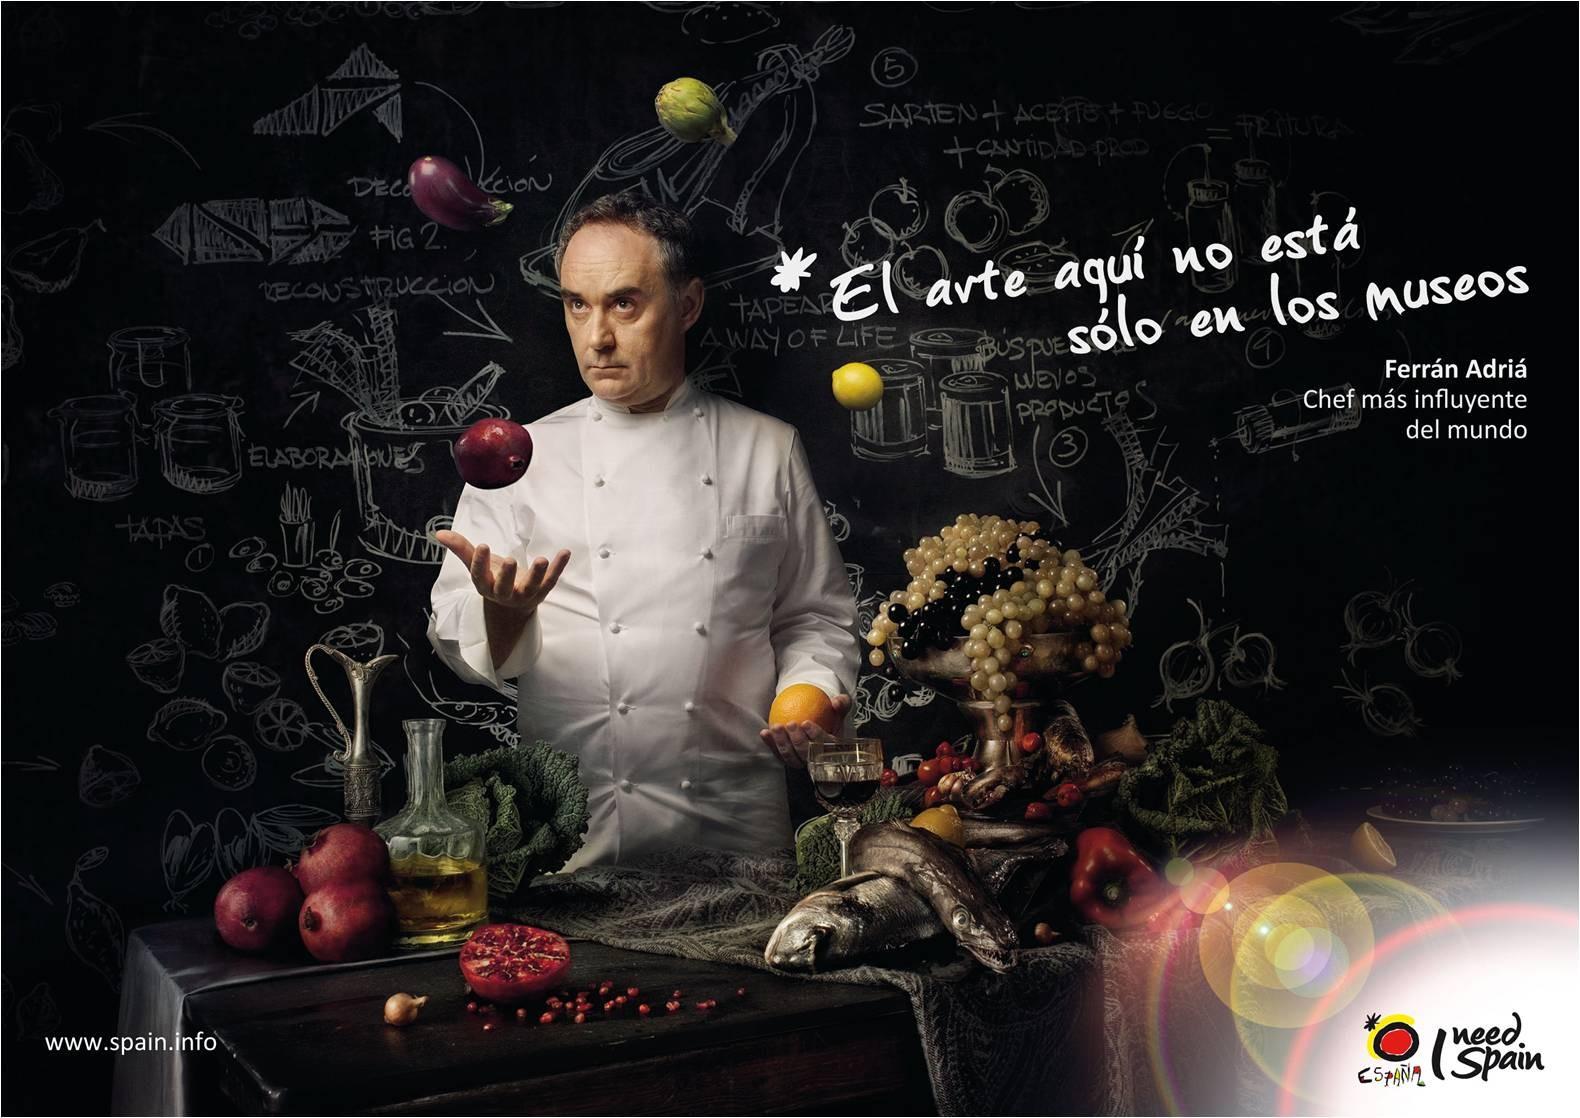 Ferrán Adrià - 'I need Spain' es el nuevo eslogan turístico de la marca España